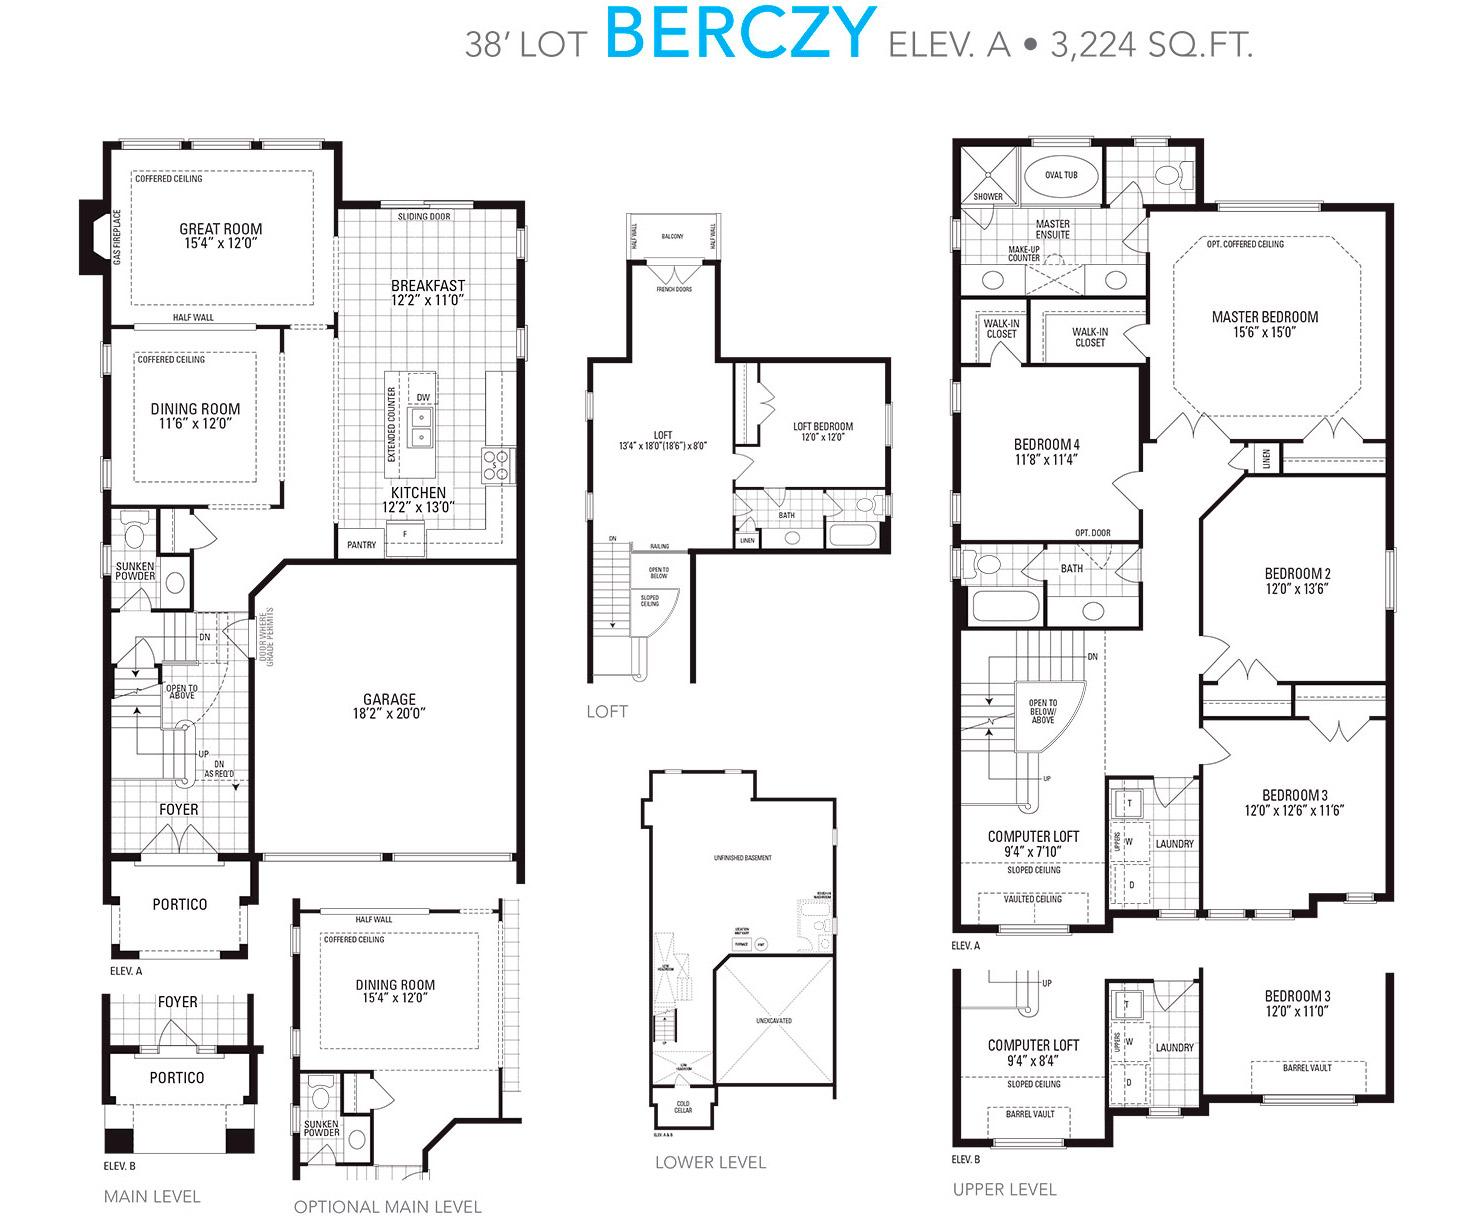 3803-berzcy.jpg